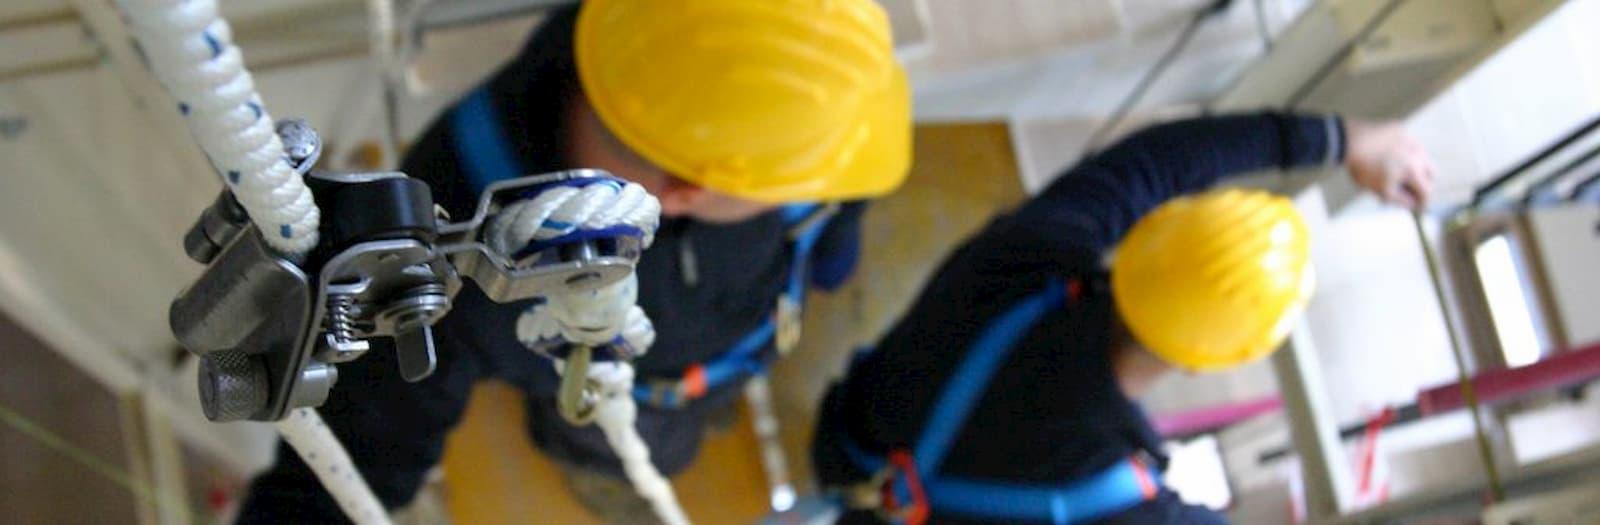 certificazione uni iso 45001 due lavoratori lavorano indossando i dpi corretti